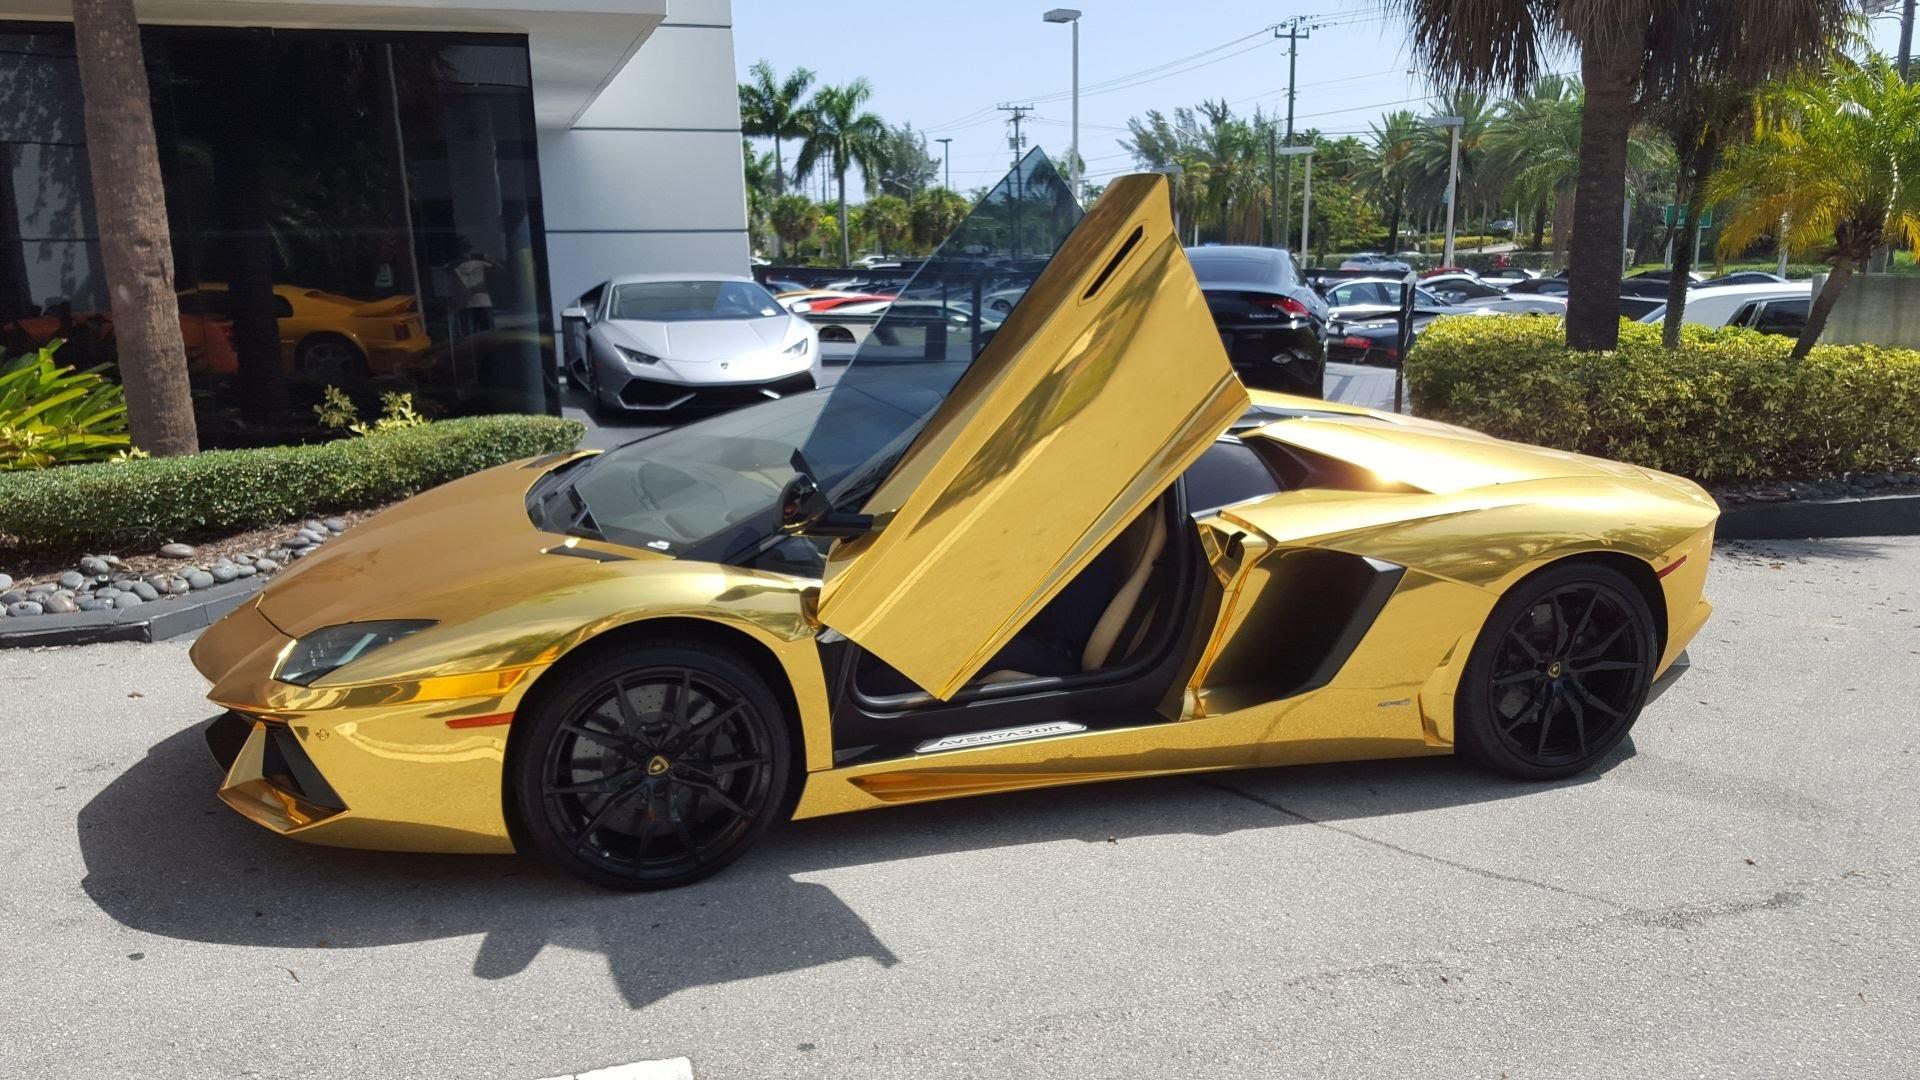 Lamborghini Veneno Gold Wallpaper | allofpicts for Lamborghini Veneno Gold  70ref